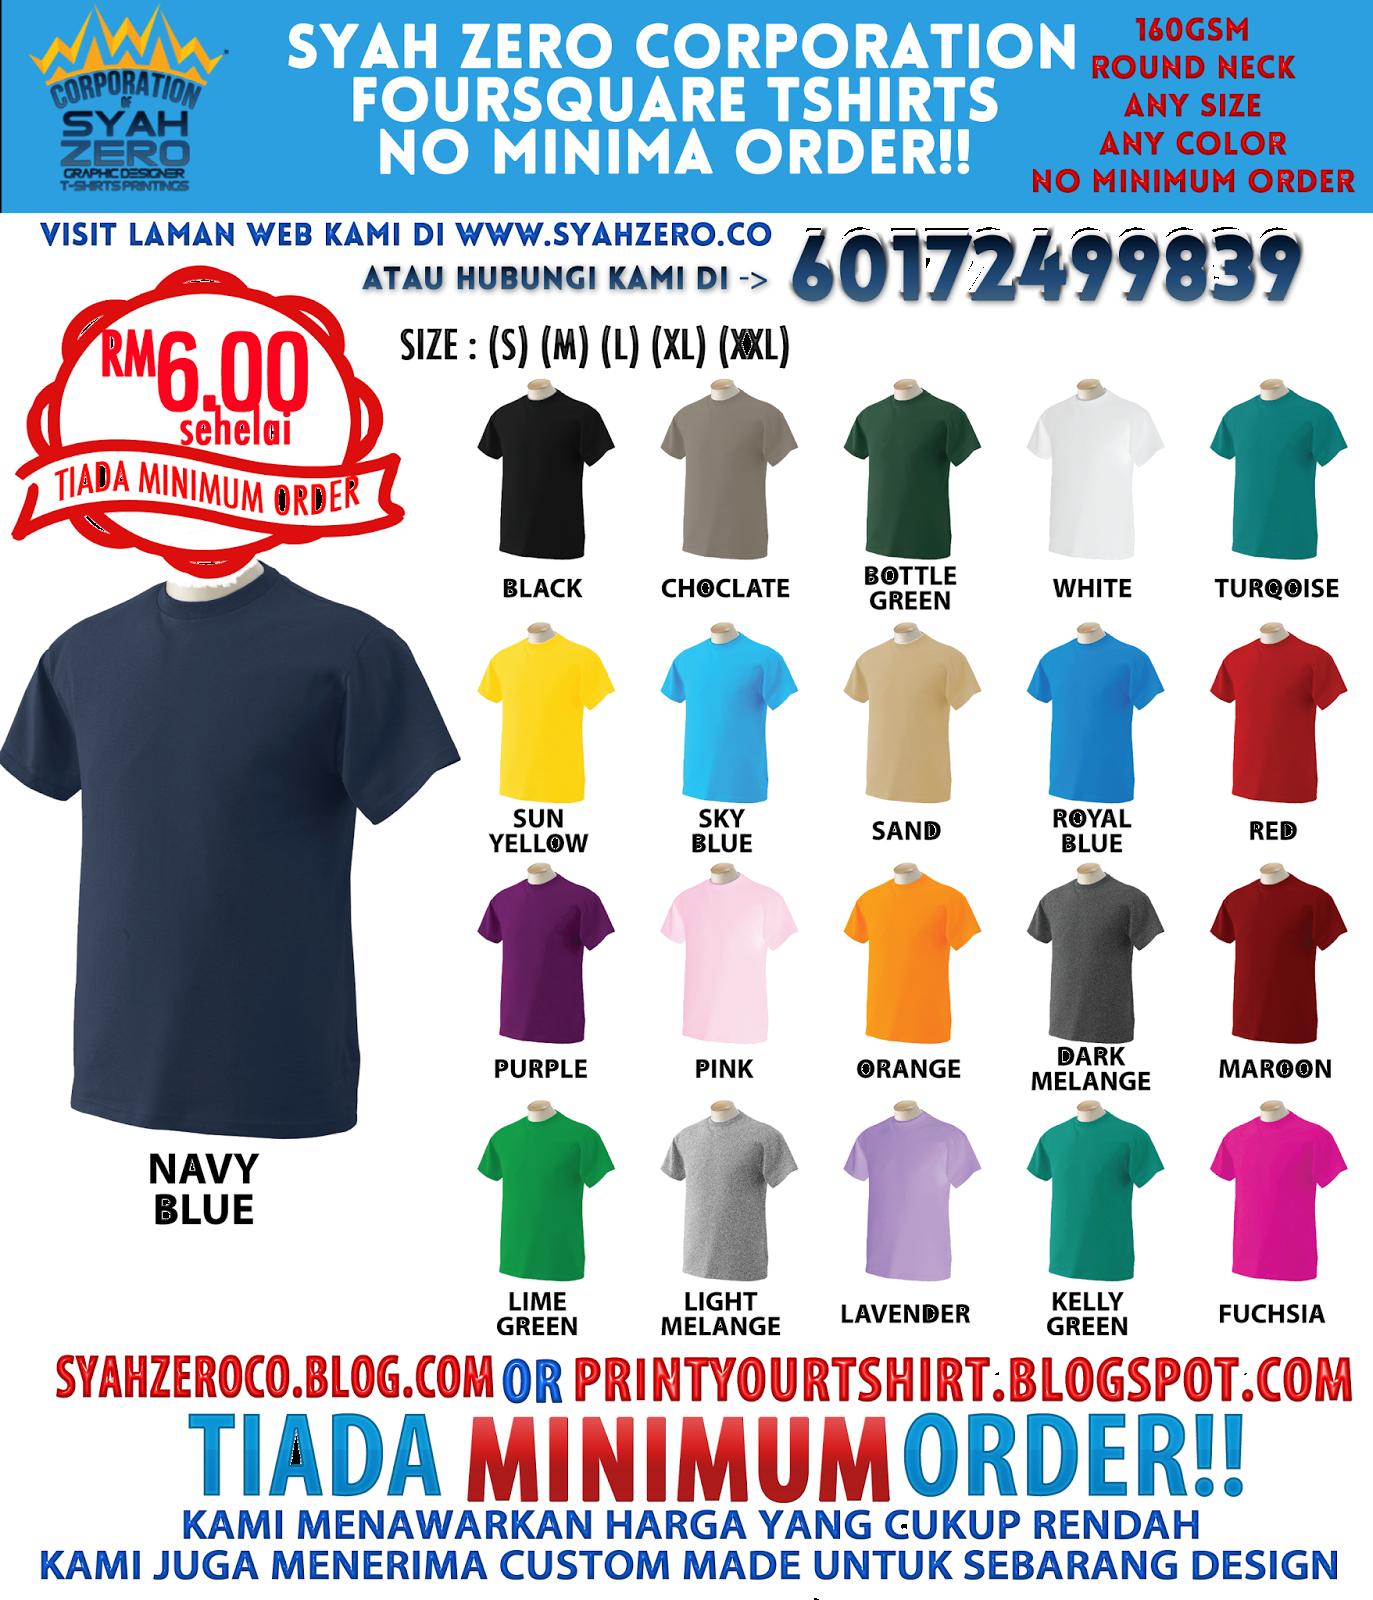 Design t shirt murah -  Tanpa Minima Order Anda Boleh Memesan Walaupun Sehelai Kami Juga Pakar Dalam Membuat Custom Made Design Untuk Semua Jenis T Shirts Dan Anda Boleh